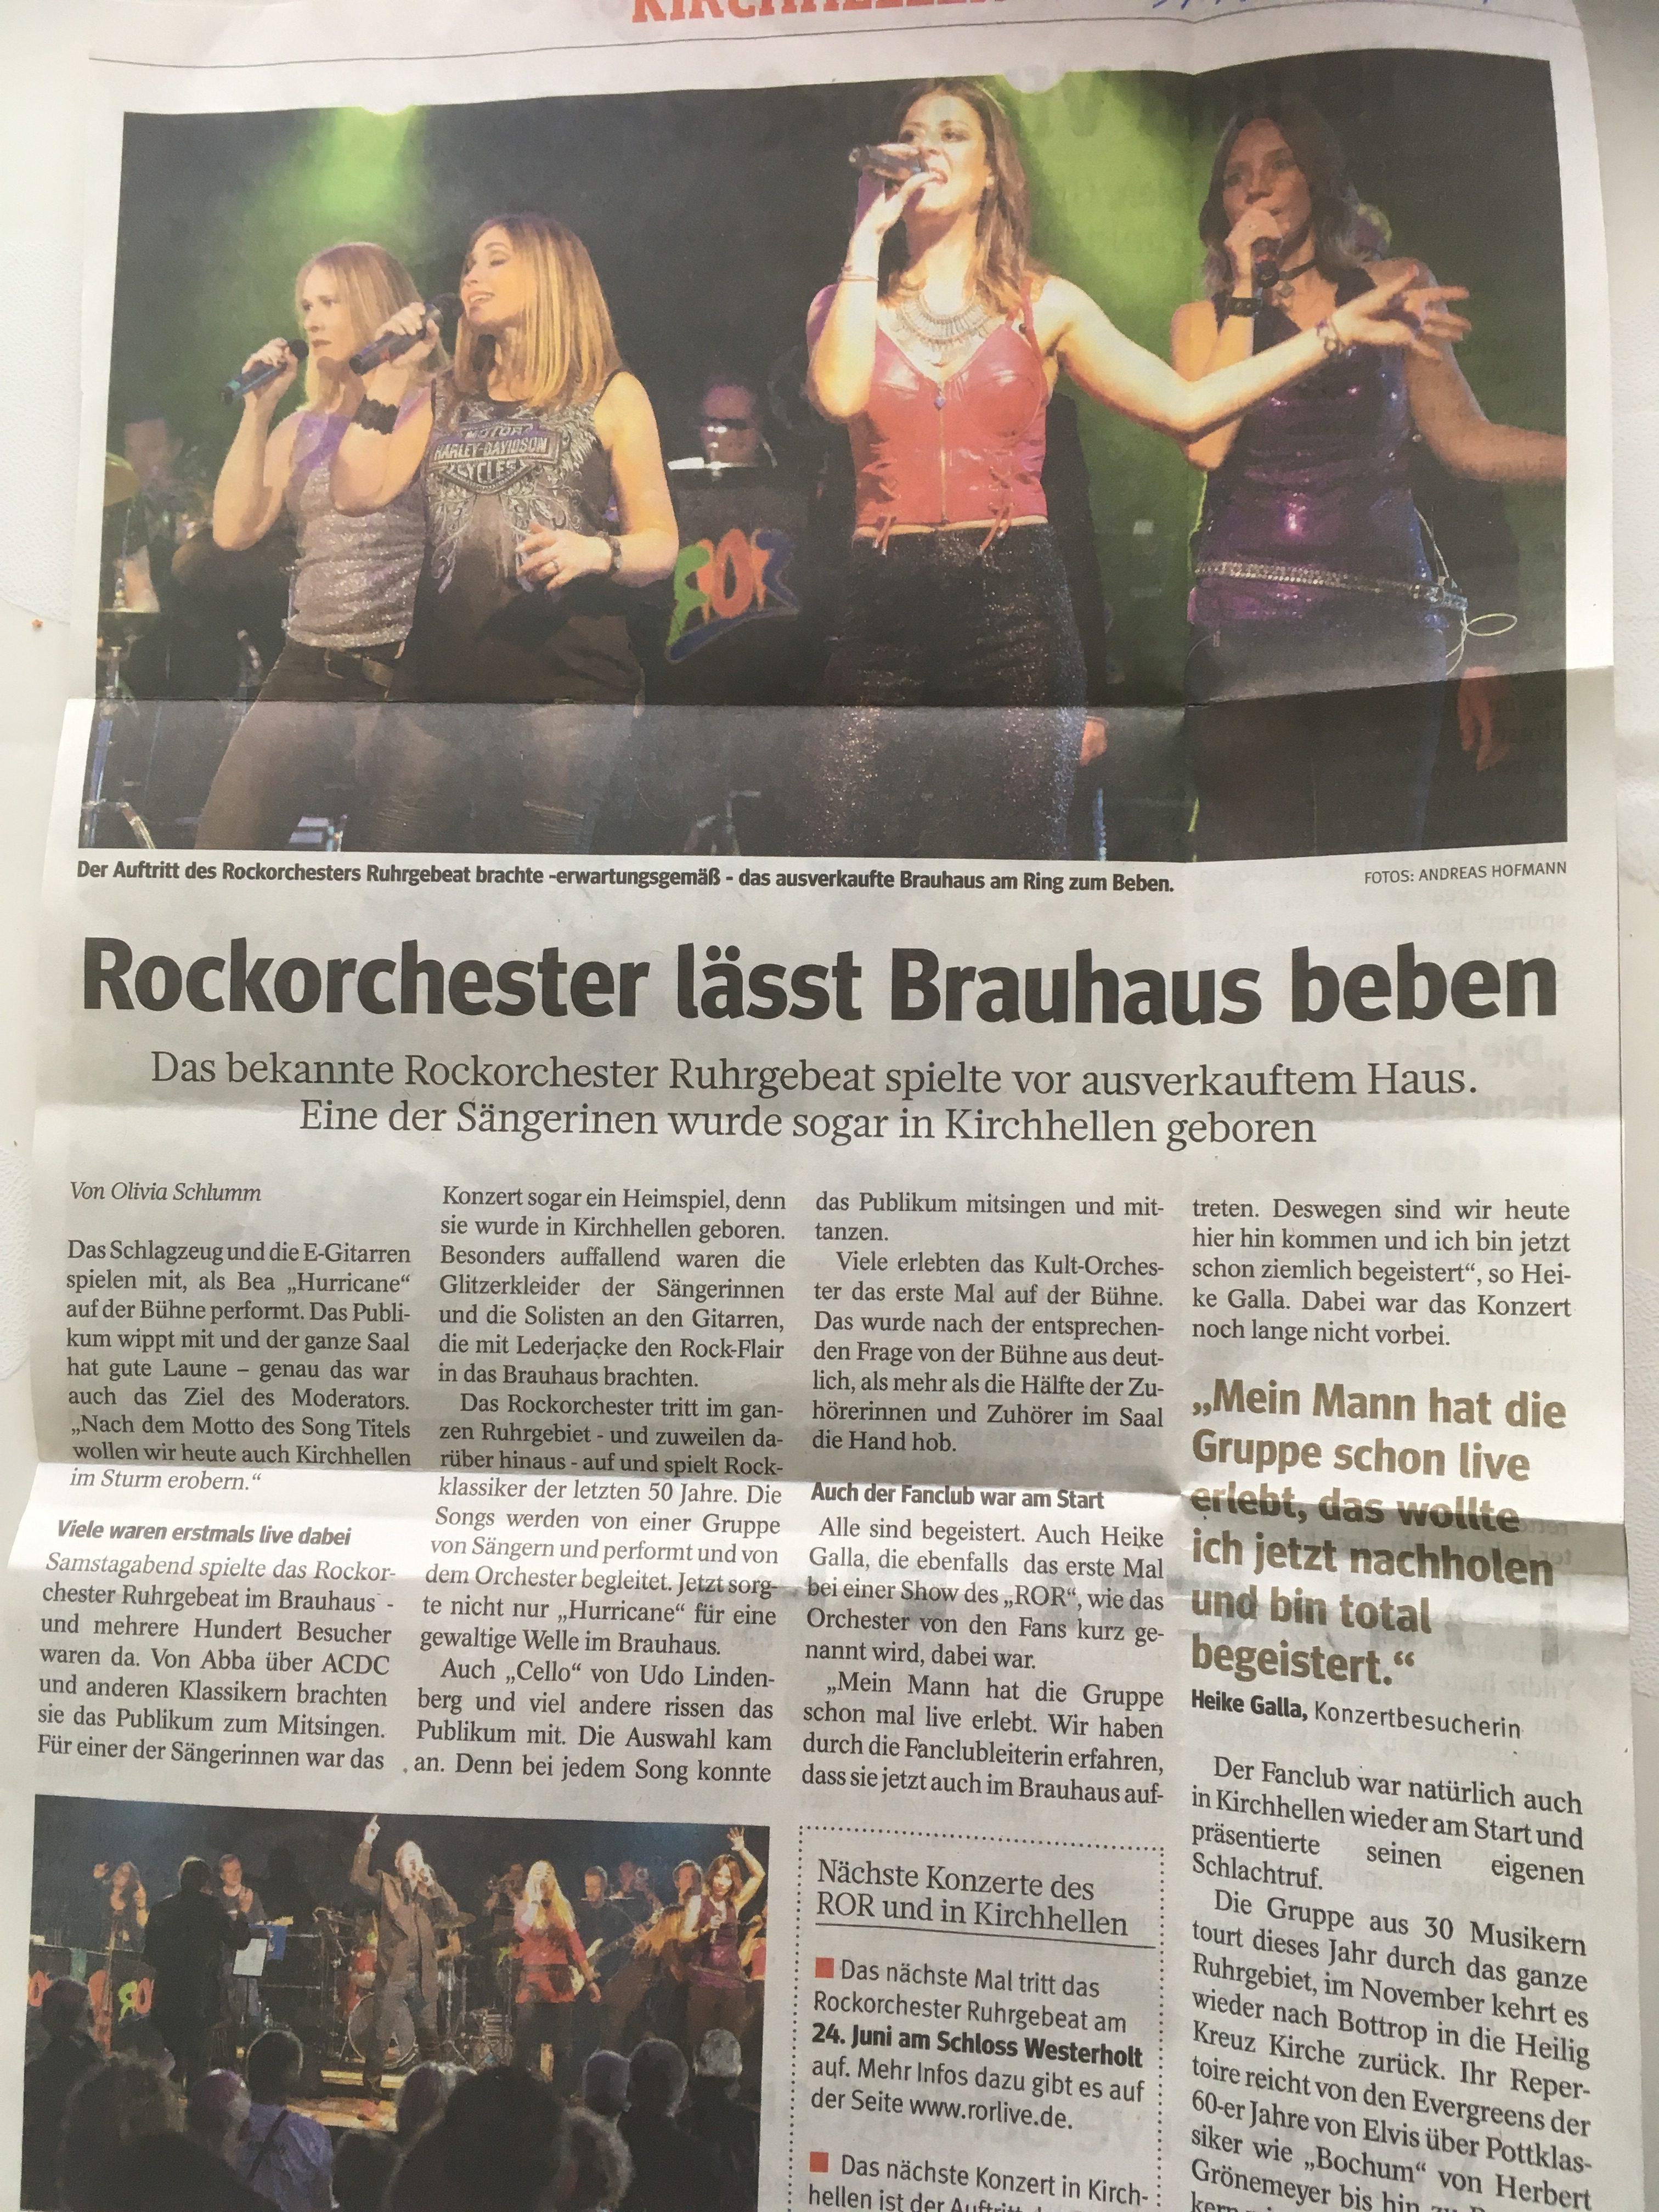 Rockorchester lässt Brauhaus beben